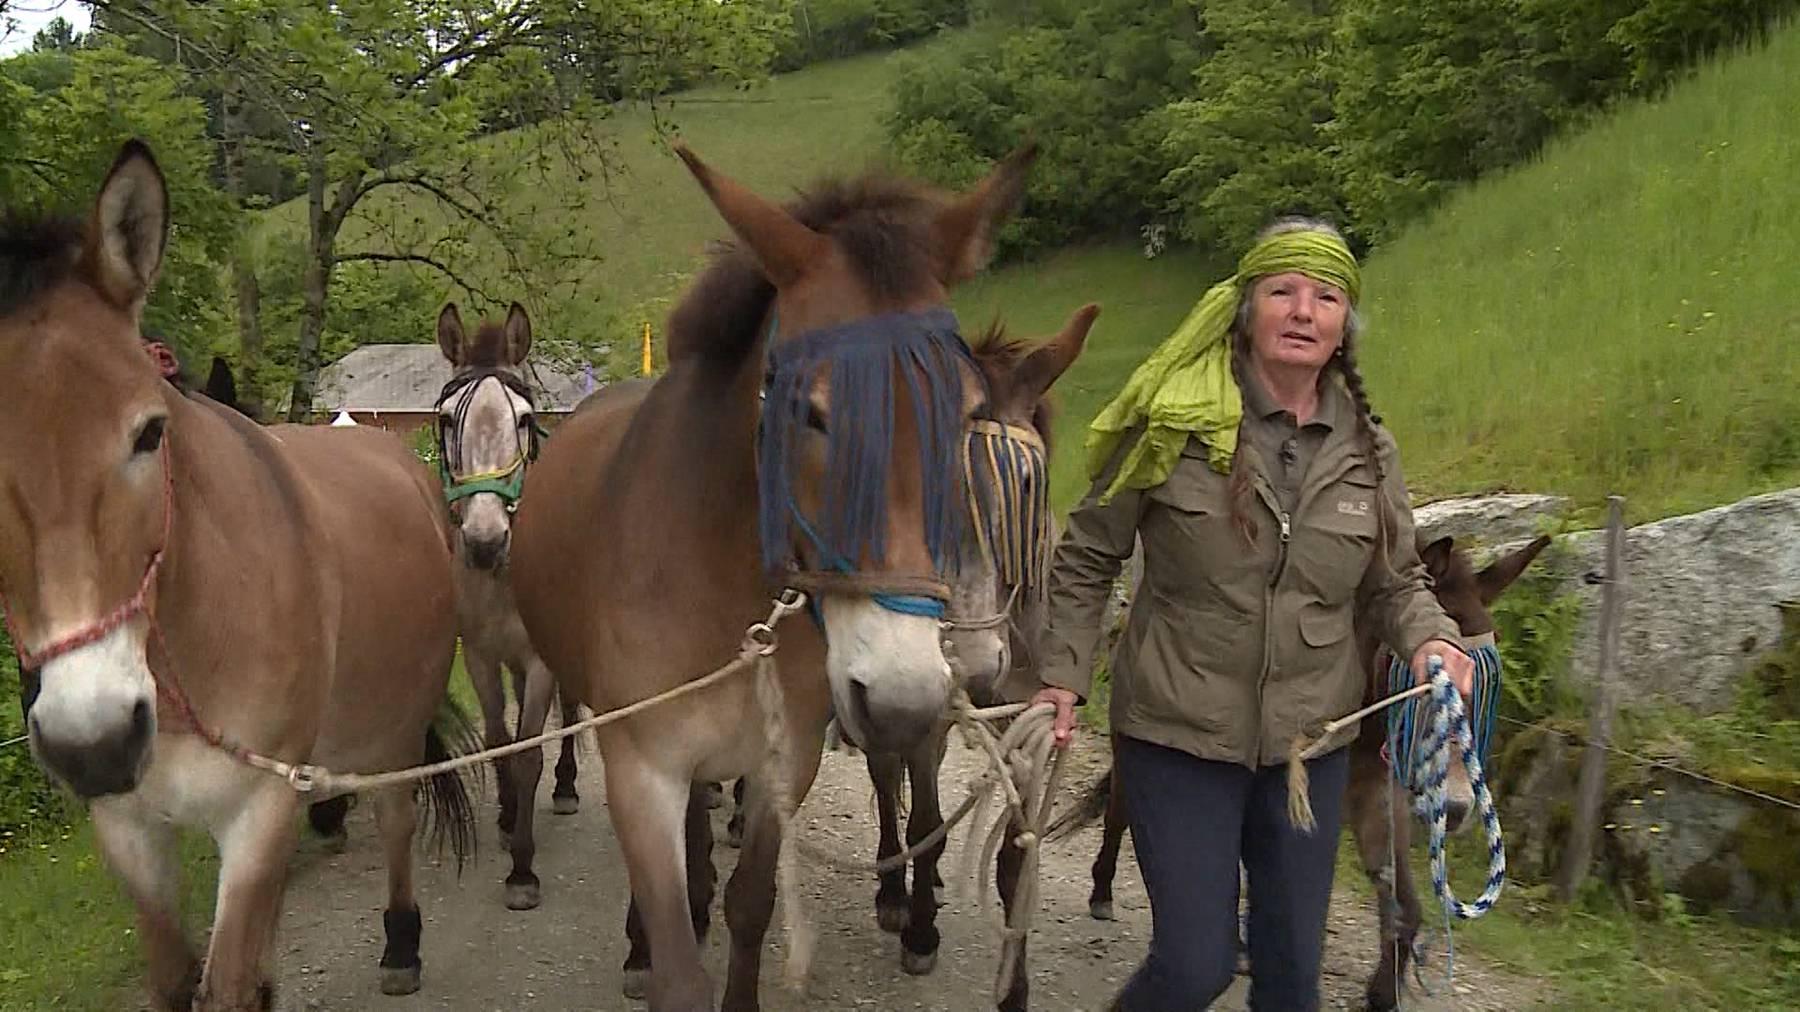 Maultiere: Pferd oder Esel?